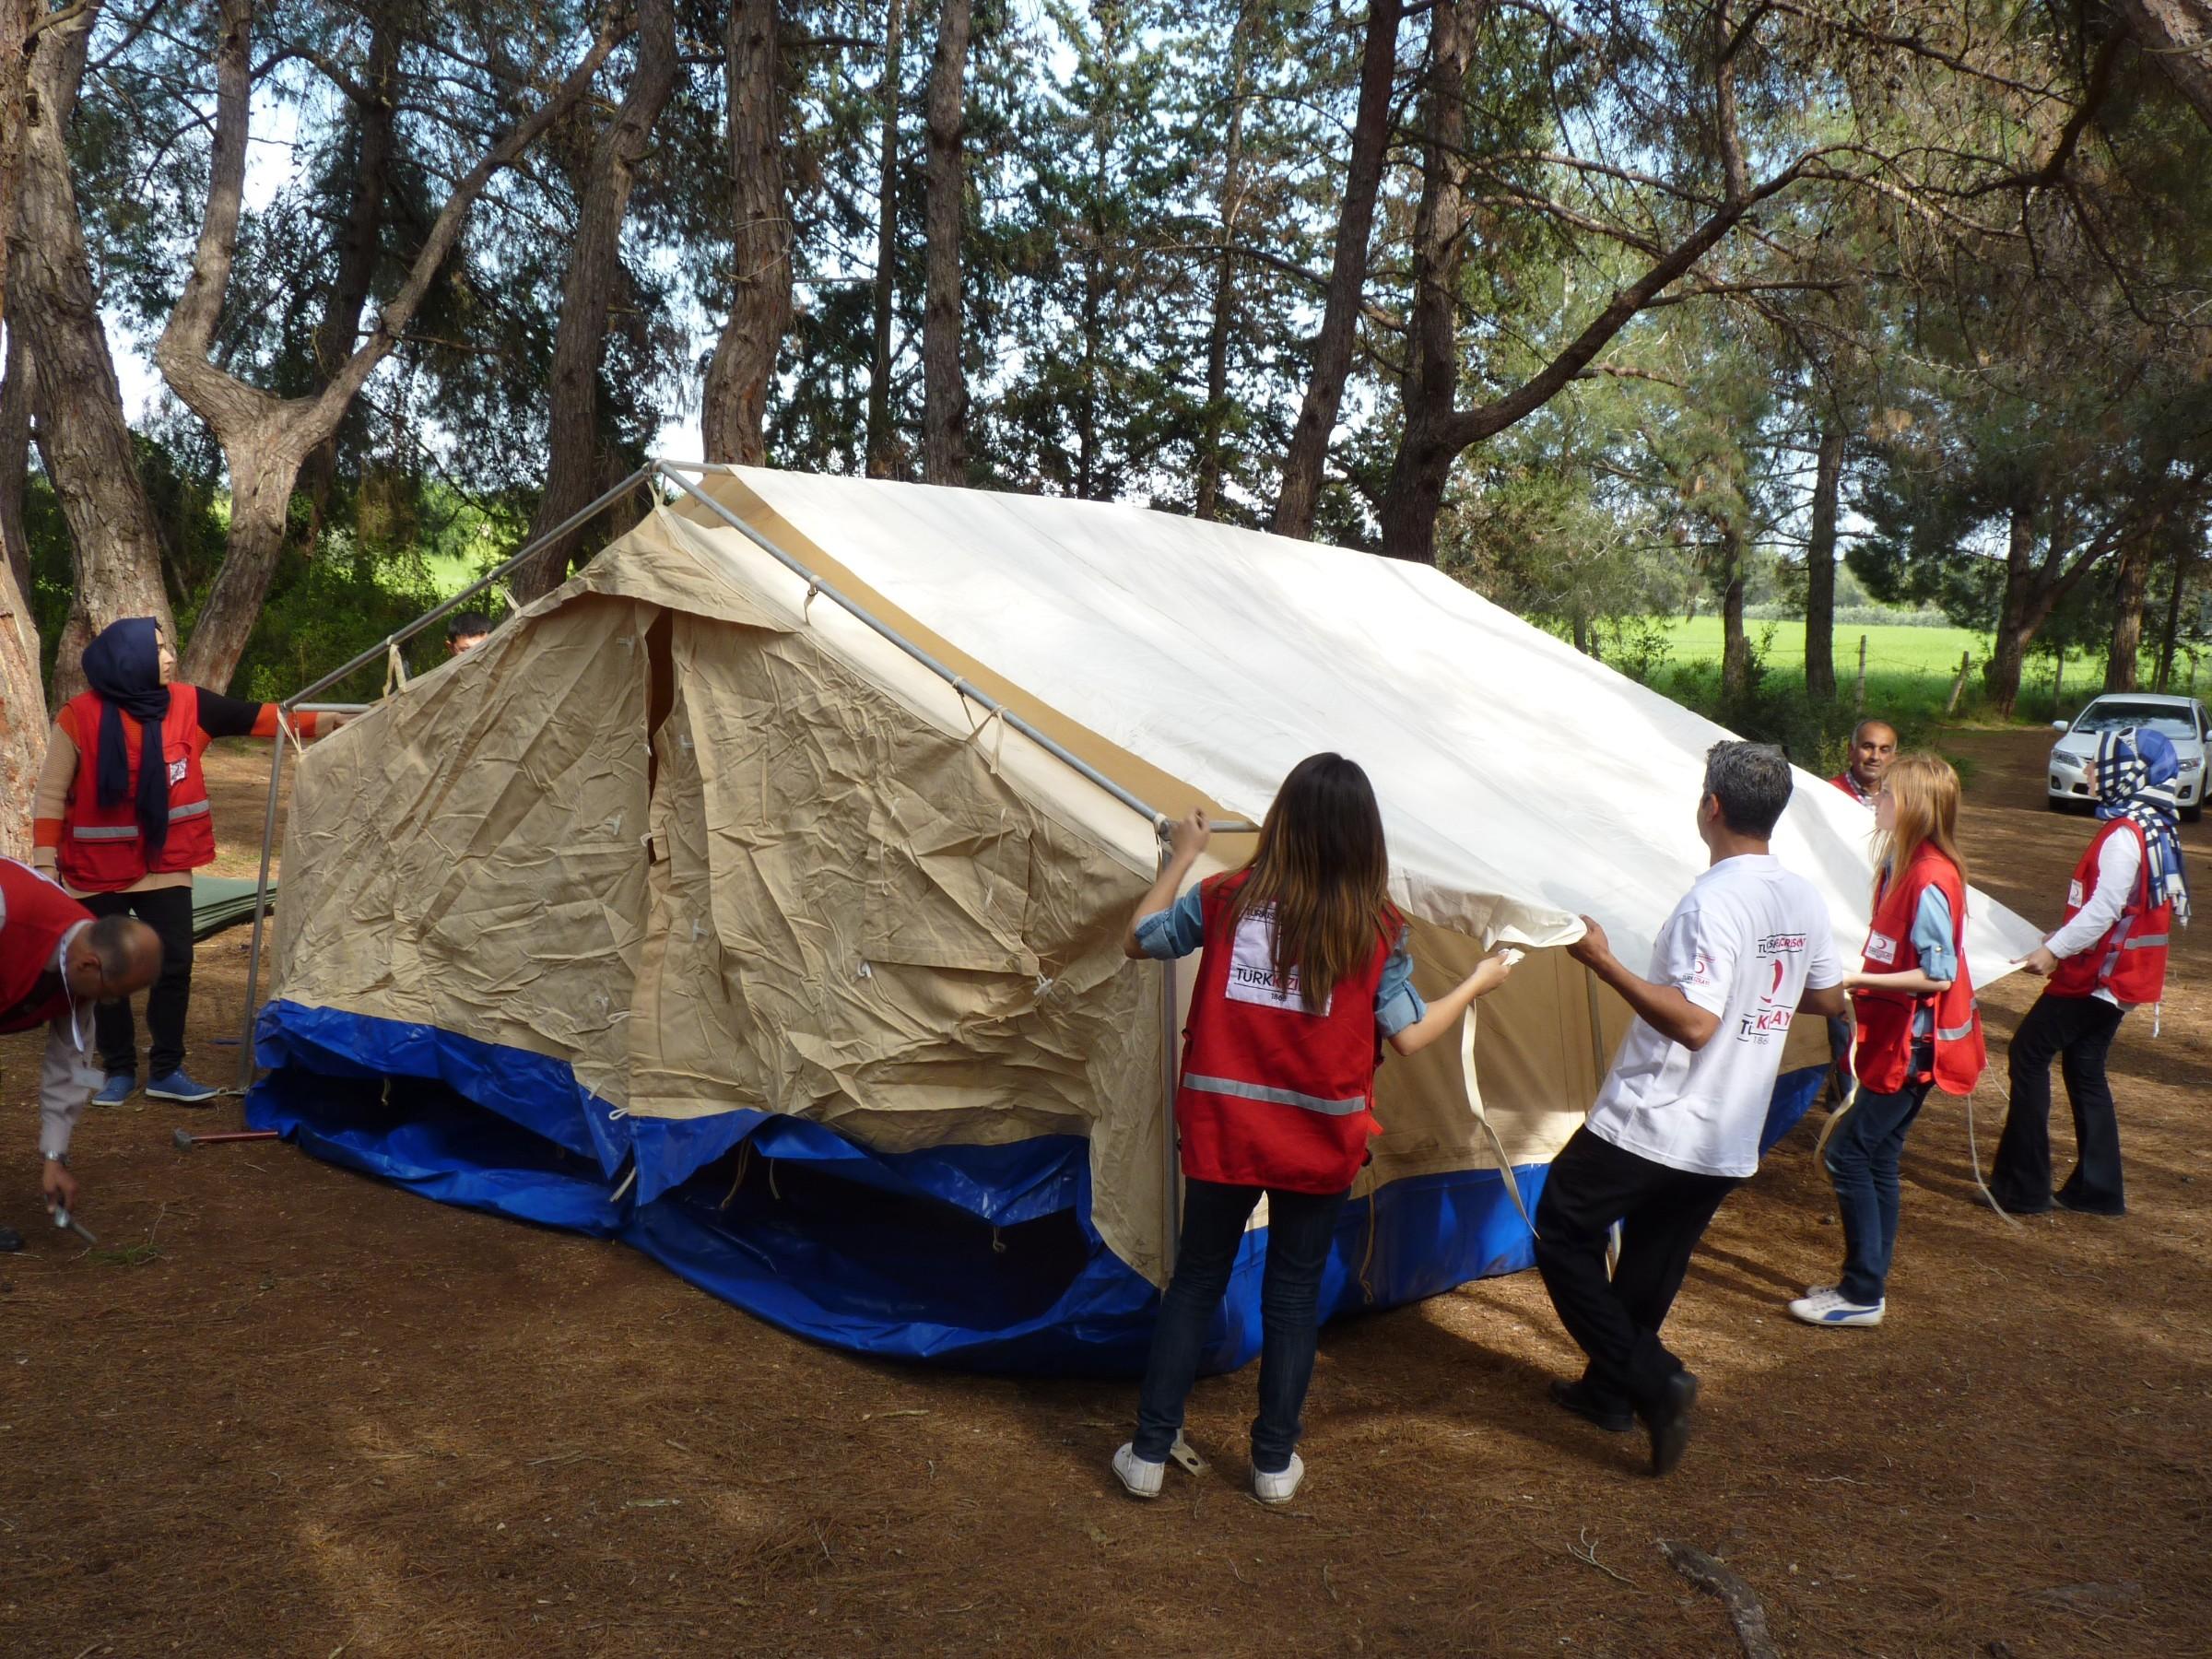 Kızılay Gençlik Kampları yeni kamp modeliyle geri dönüyor!